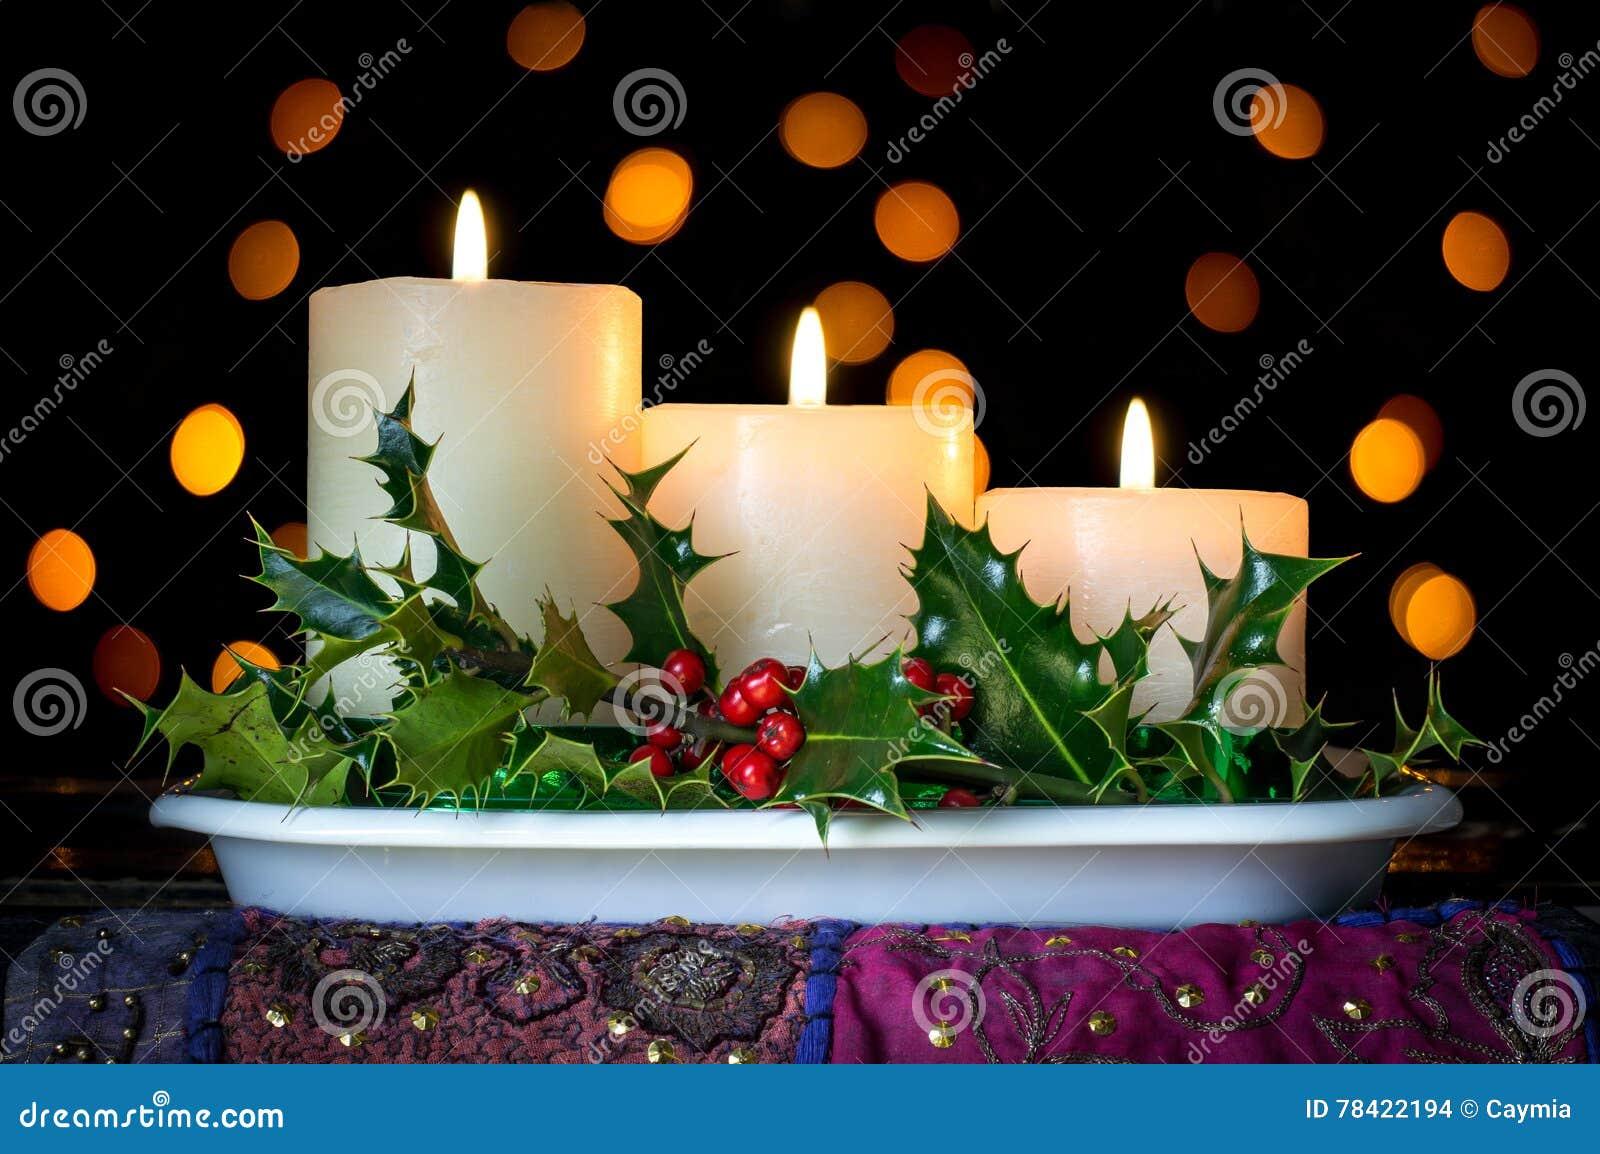 Decorare Candele Di Natale : Decorazione delle candele di natale con agrifoglio e le bacche